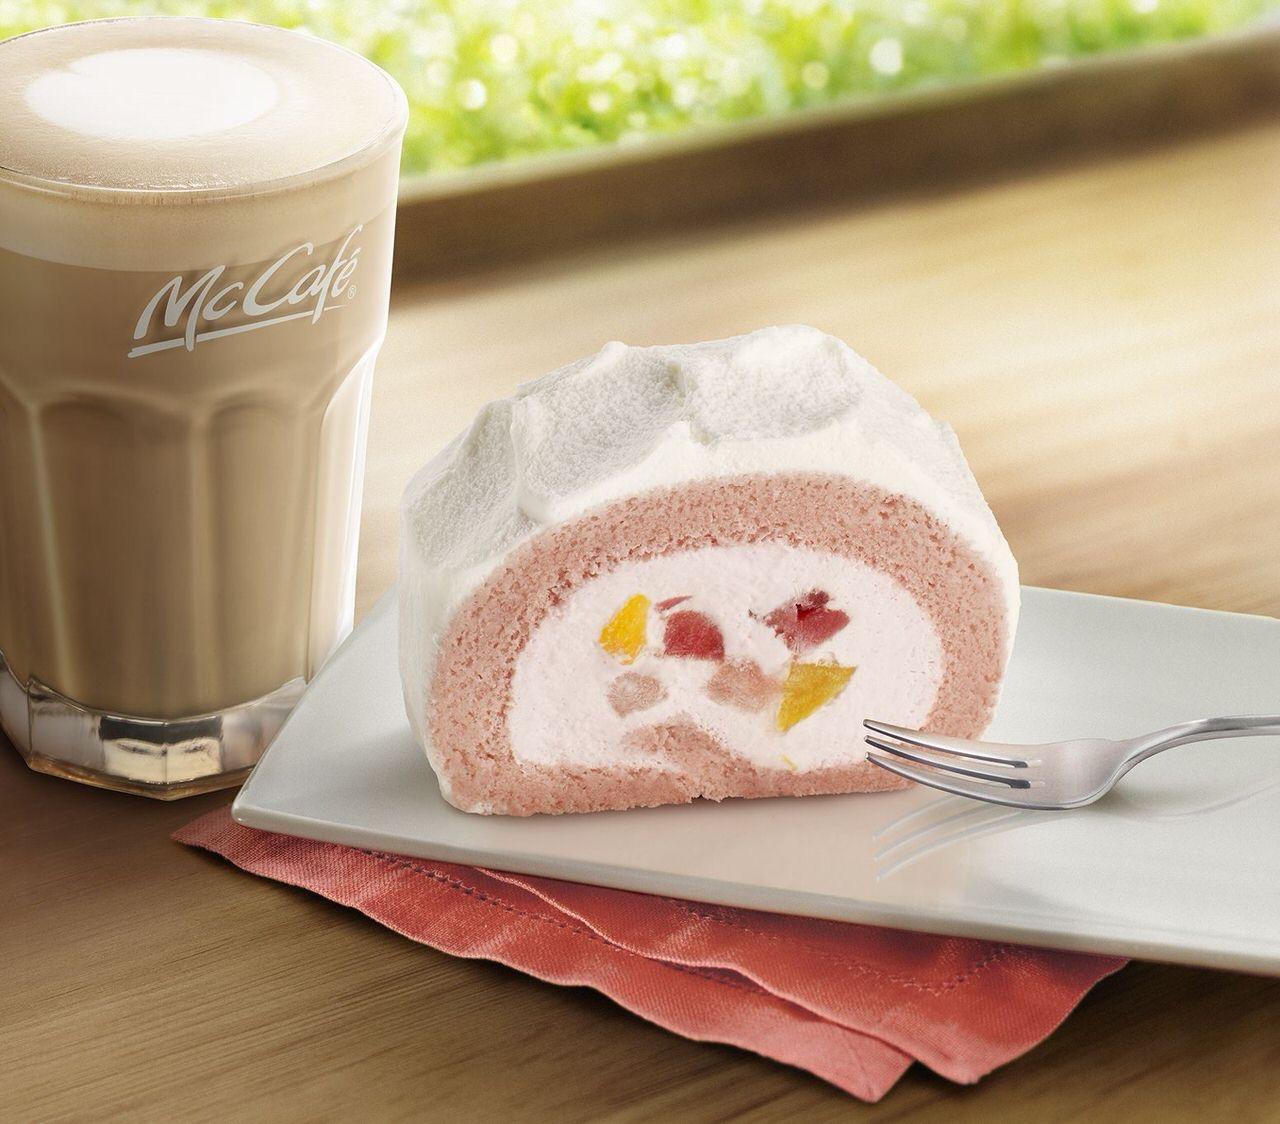 【マクドナルド】McCafé by Barista「いちご&もも贅沢ロールケーキ」レギュラー販売開始